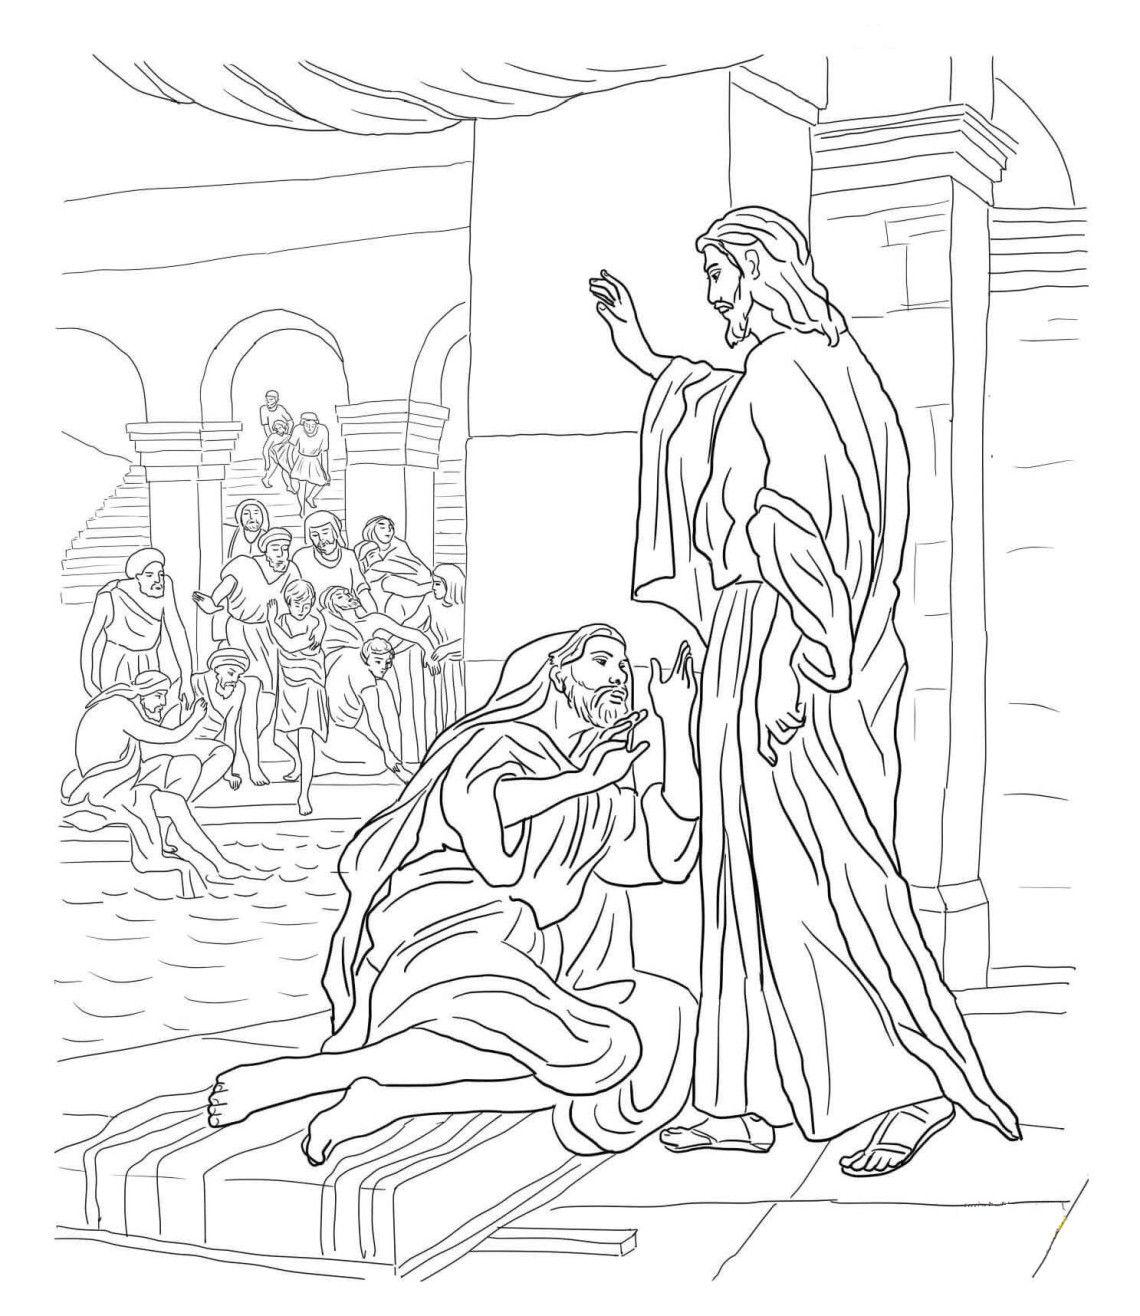 أنشطة مجمعة لأحد المخلع شفاء مريض بركة بيت حسدا Lent Art Humanoid Sketch